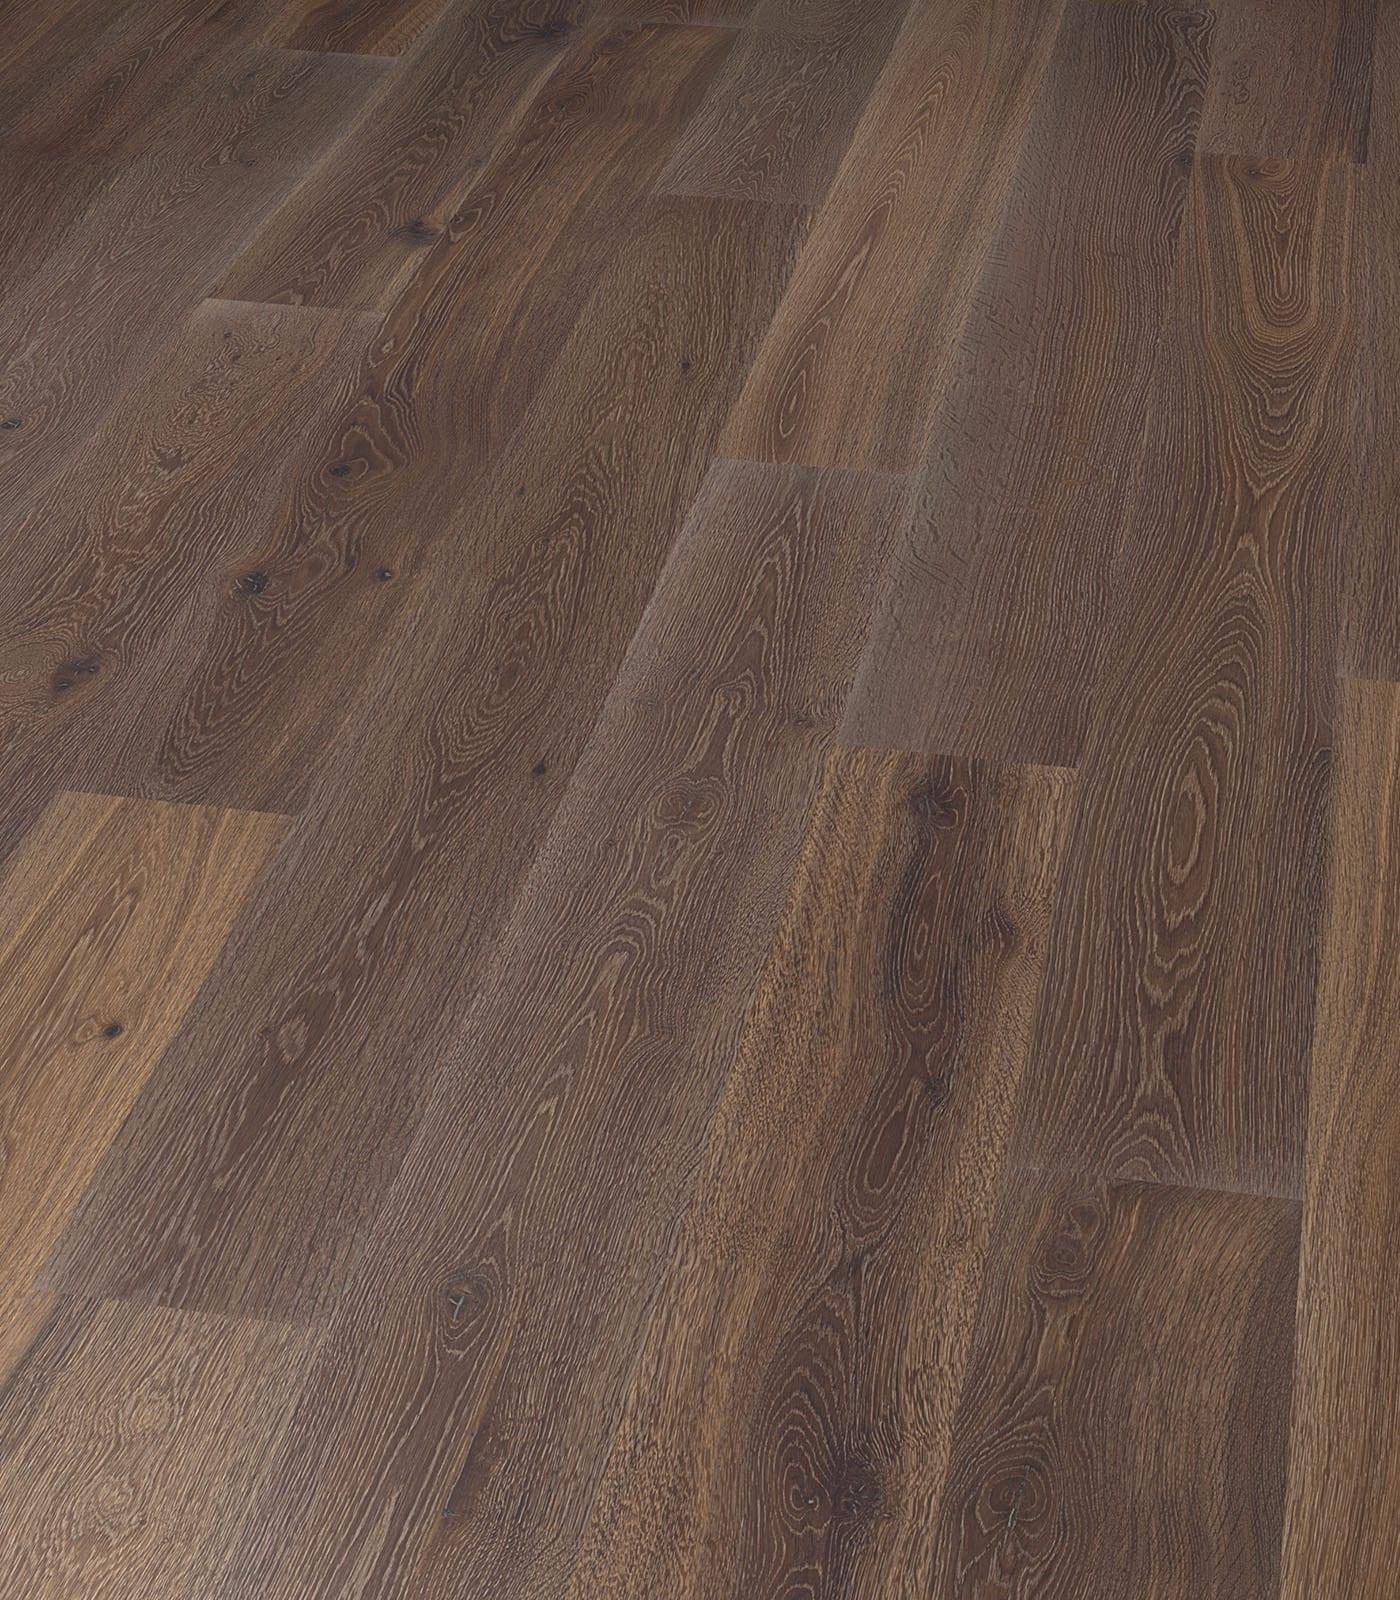 Carpathians-European Oak Floors-Antique Collection-angle